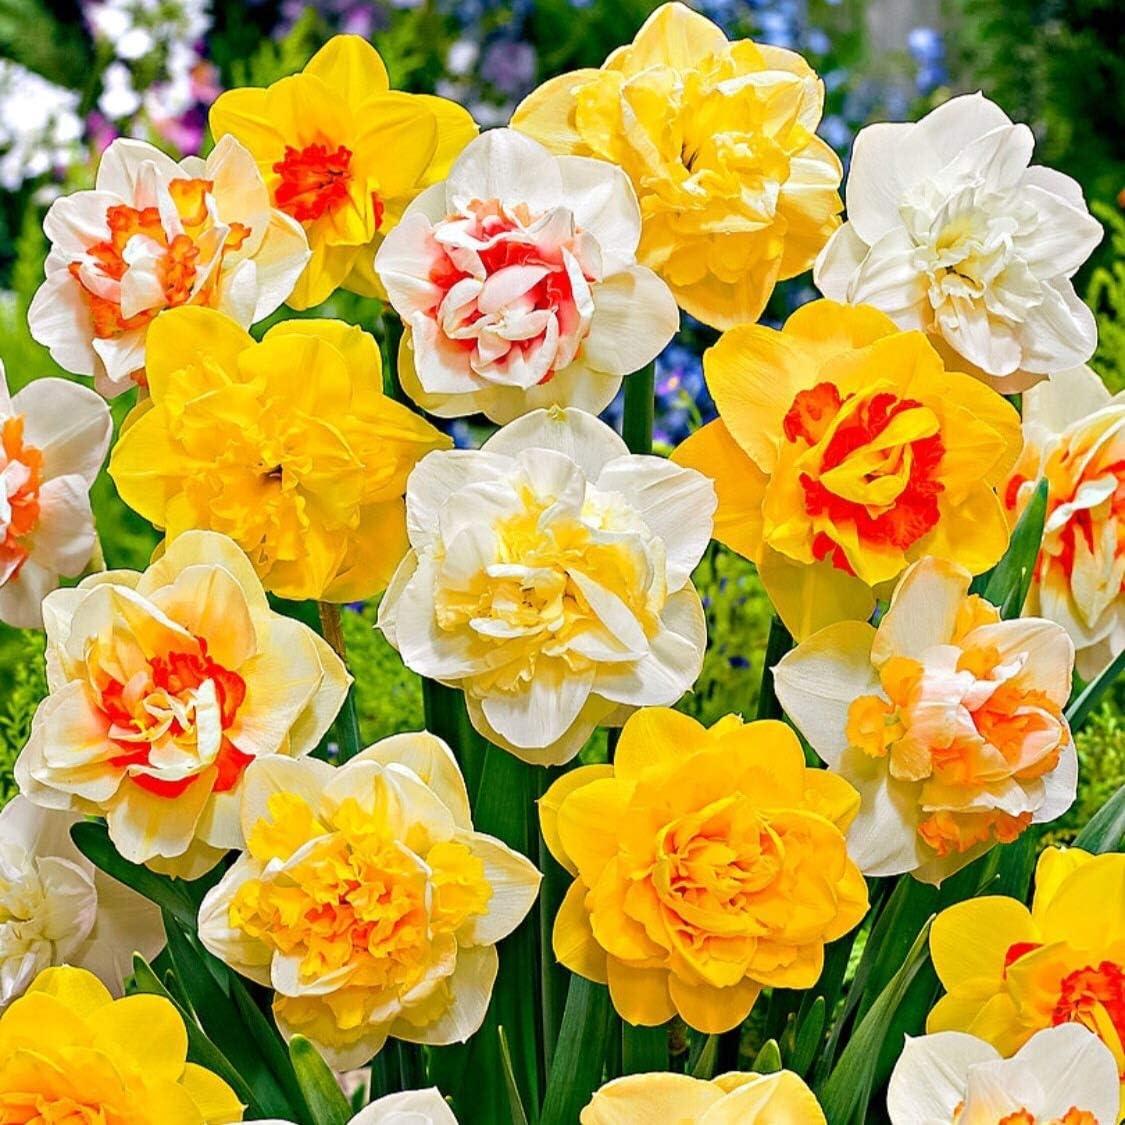 30 x Mixed Tulips FREE UK POSTAGE Bulbs